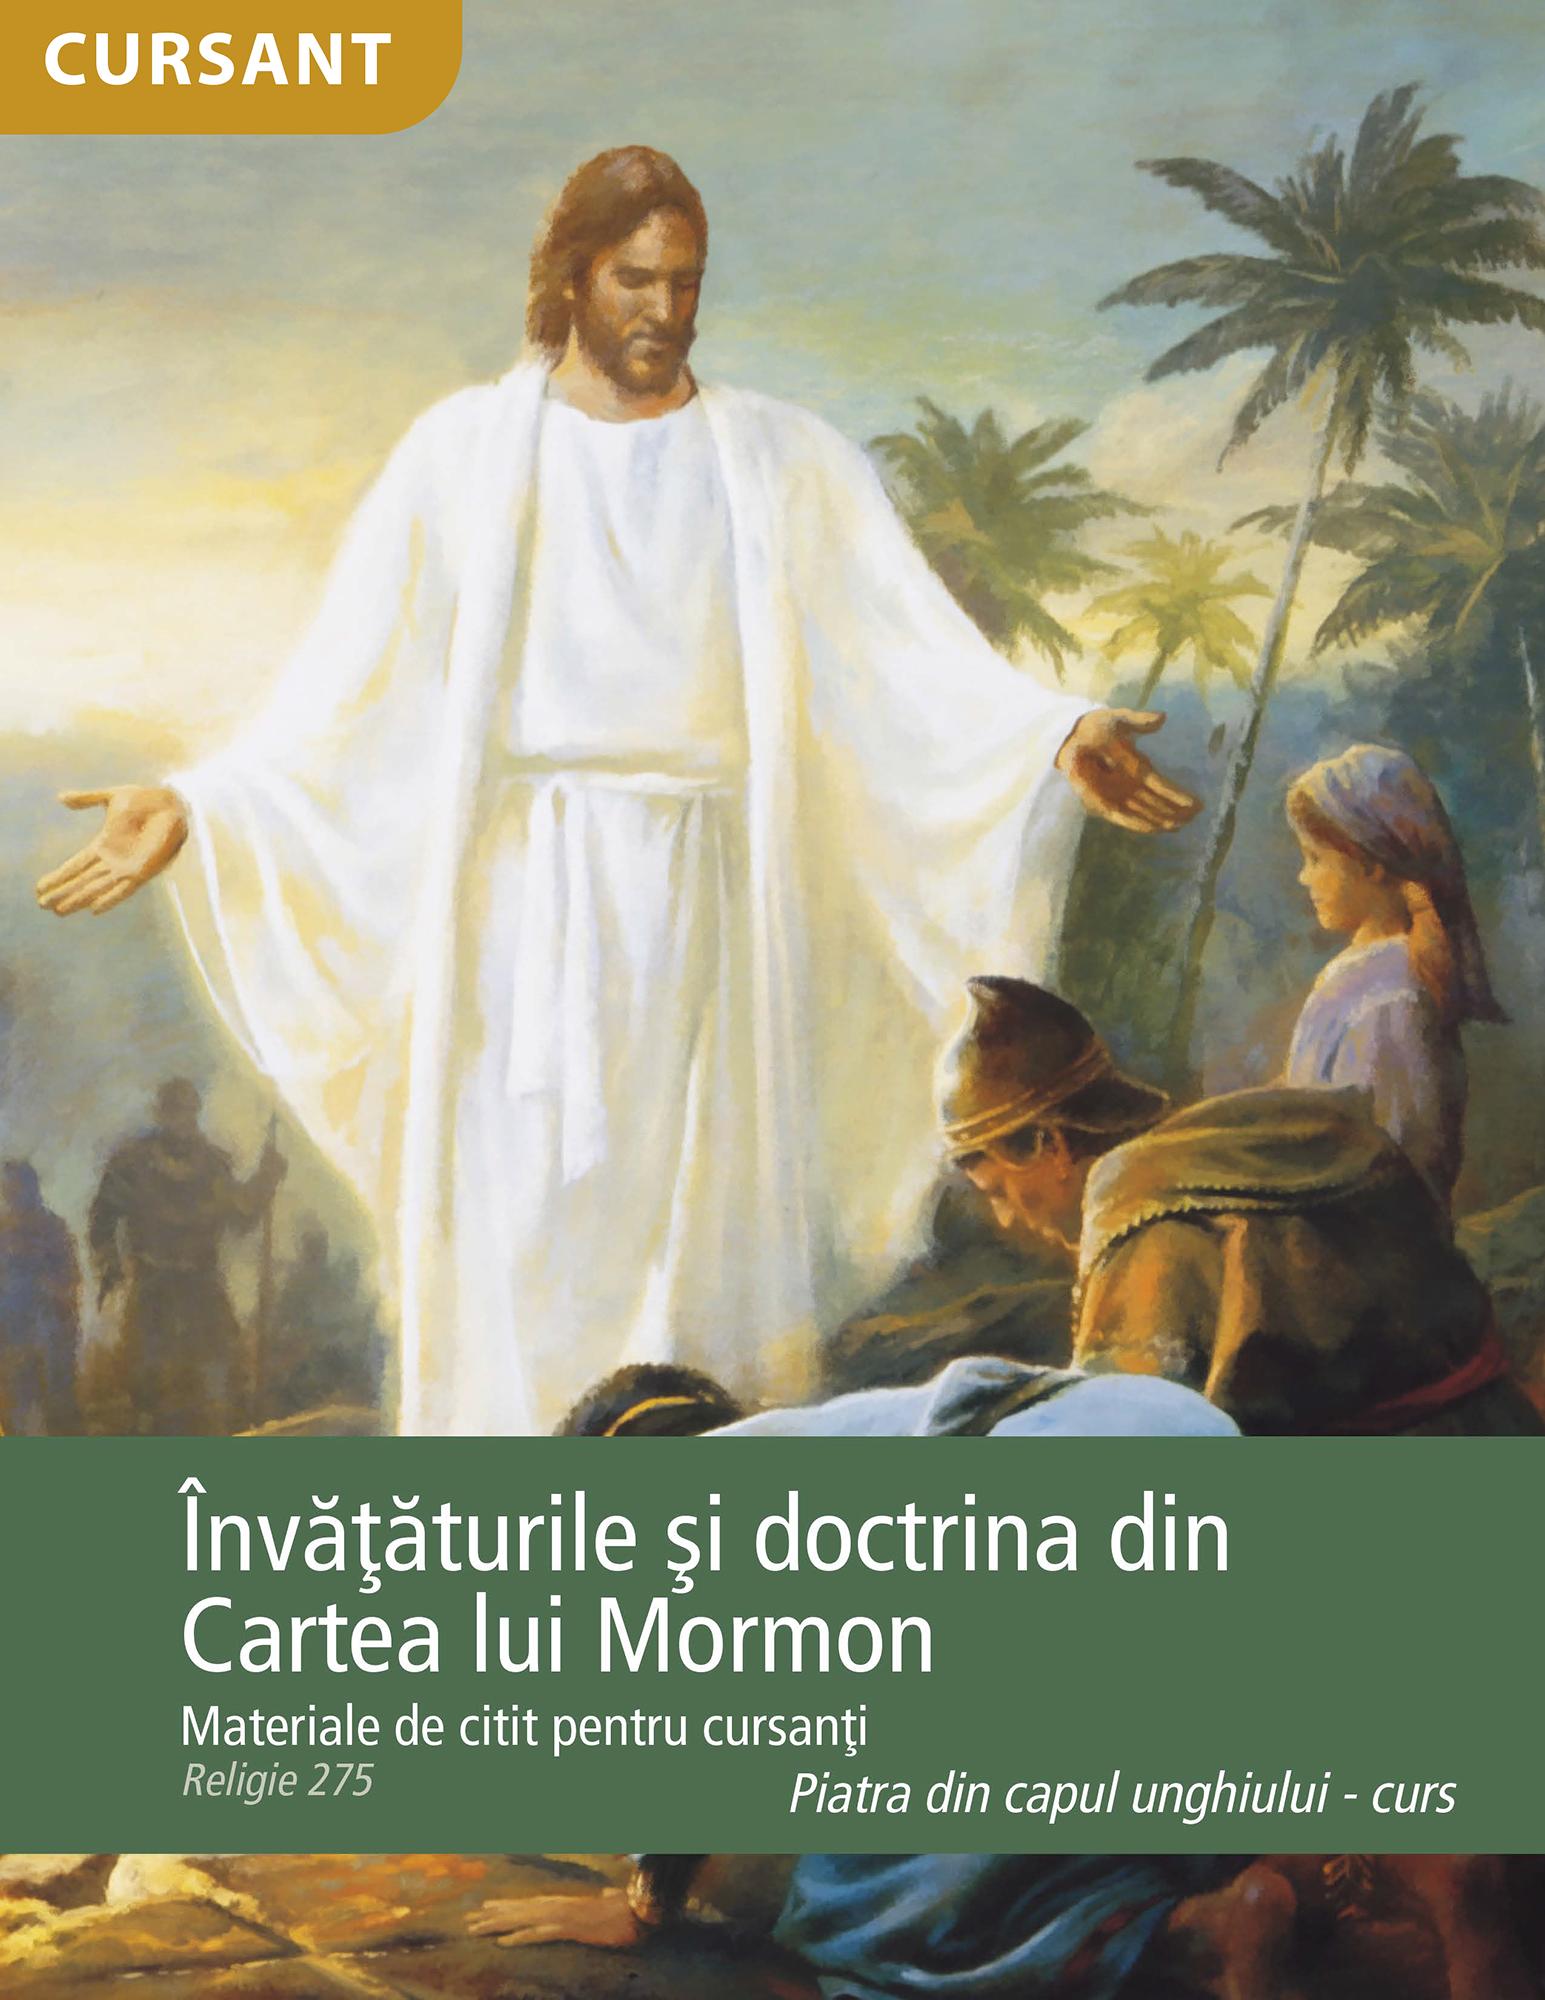 Învăţăturile şi doctrina din Cartea lui Mormon – materiale de citit pentru cursanţi (Rel 275)